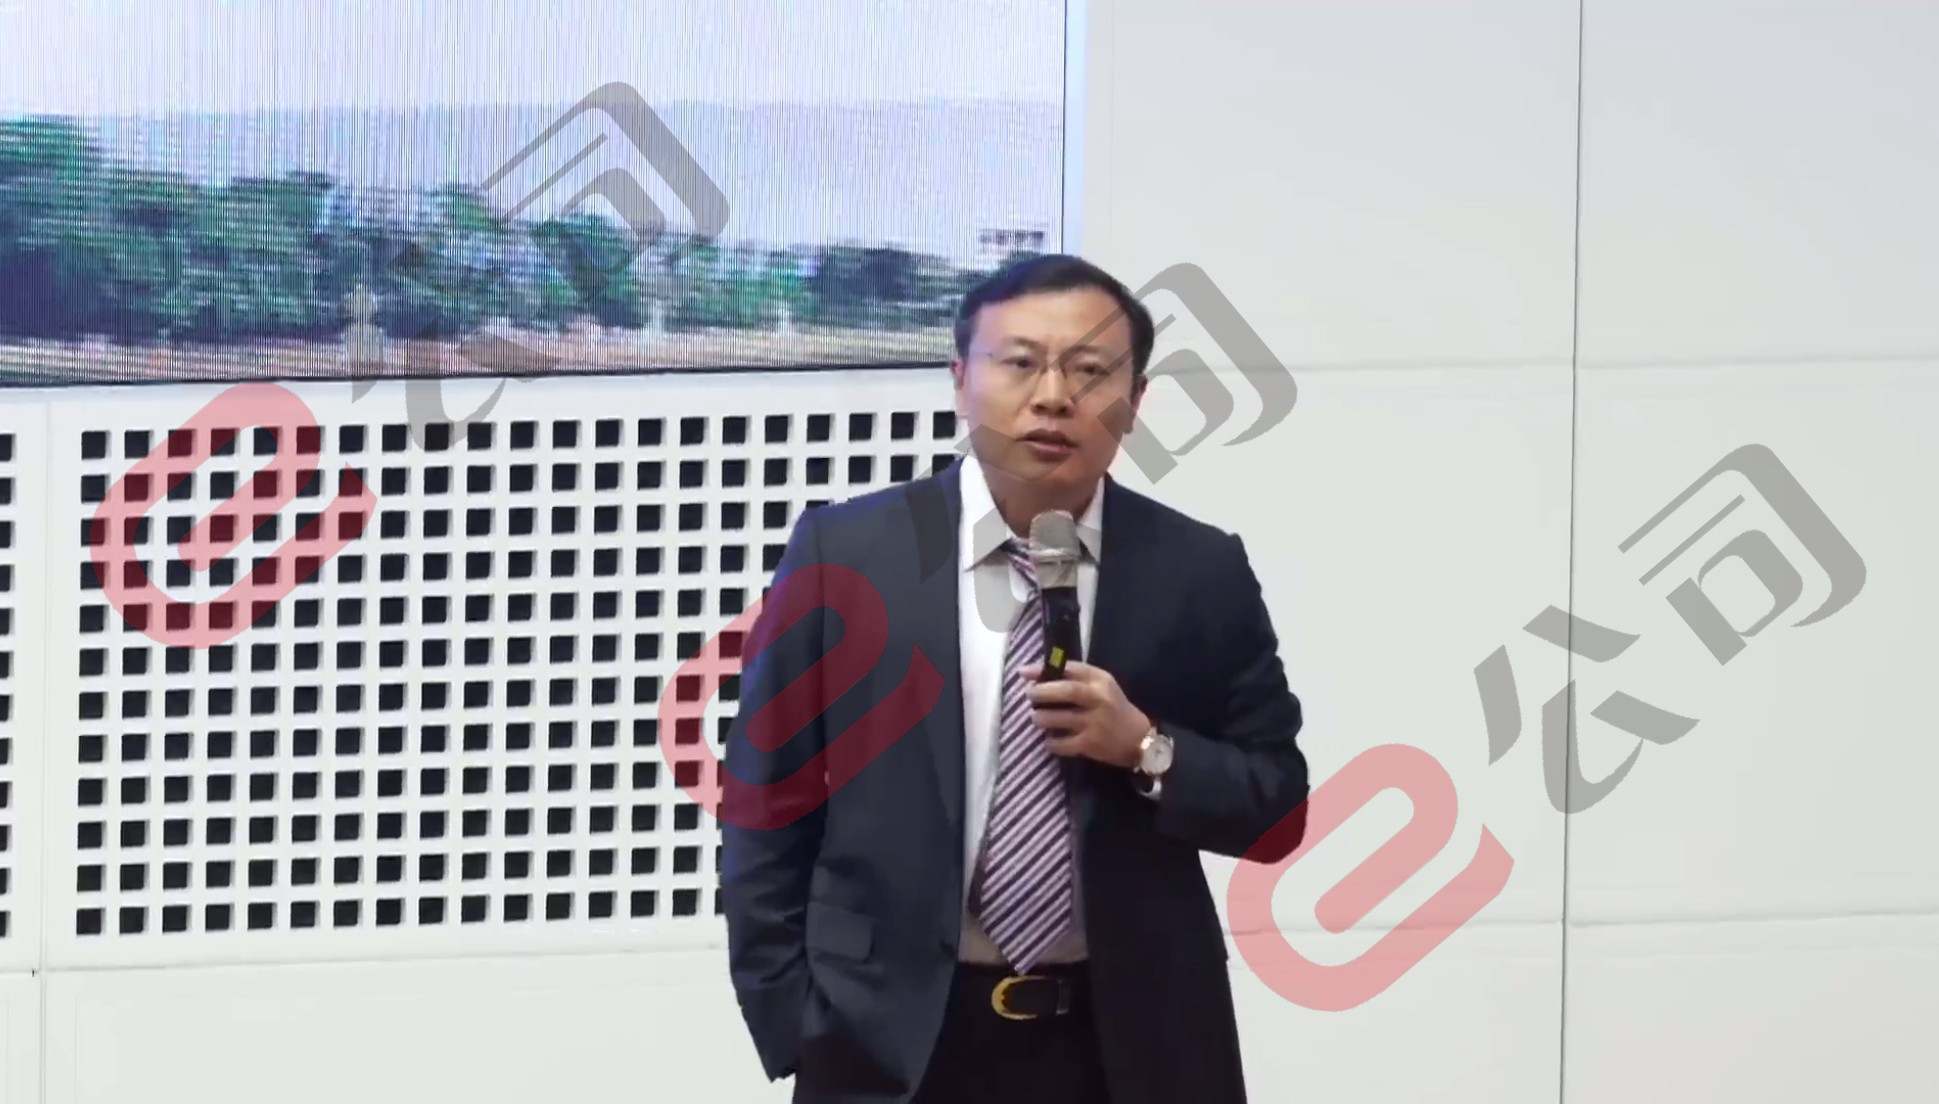 任泽平:未来最好的投资机会在中国。我们正站在新周期的起点